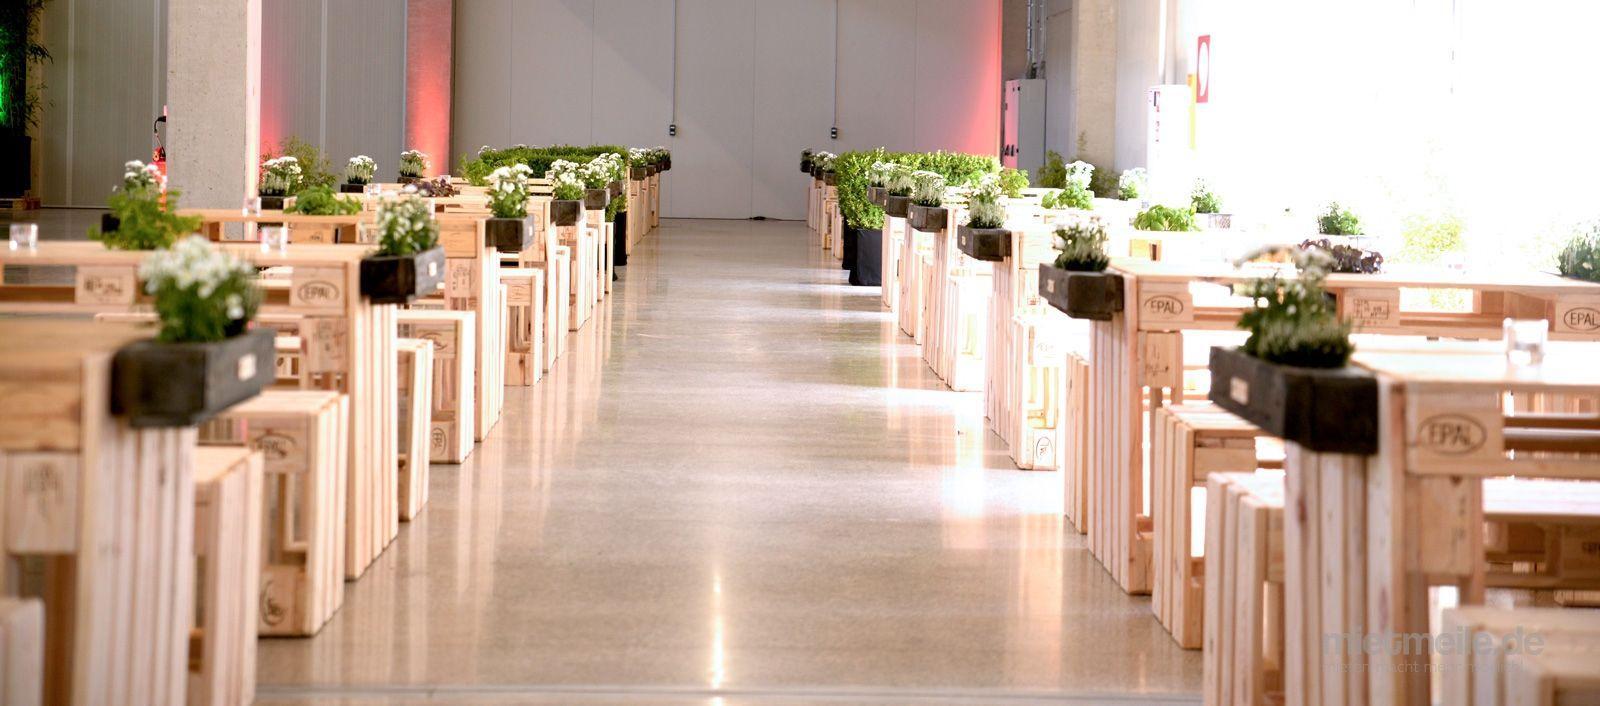 Tresen mieten & vermieten - Palettenmöbel - Tresen-Sitzeinheit-Tisch-Bank in Bramsche